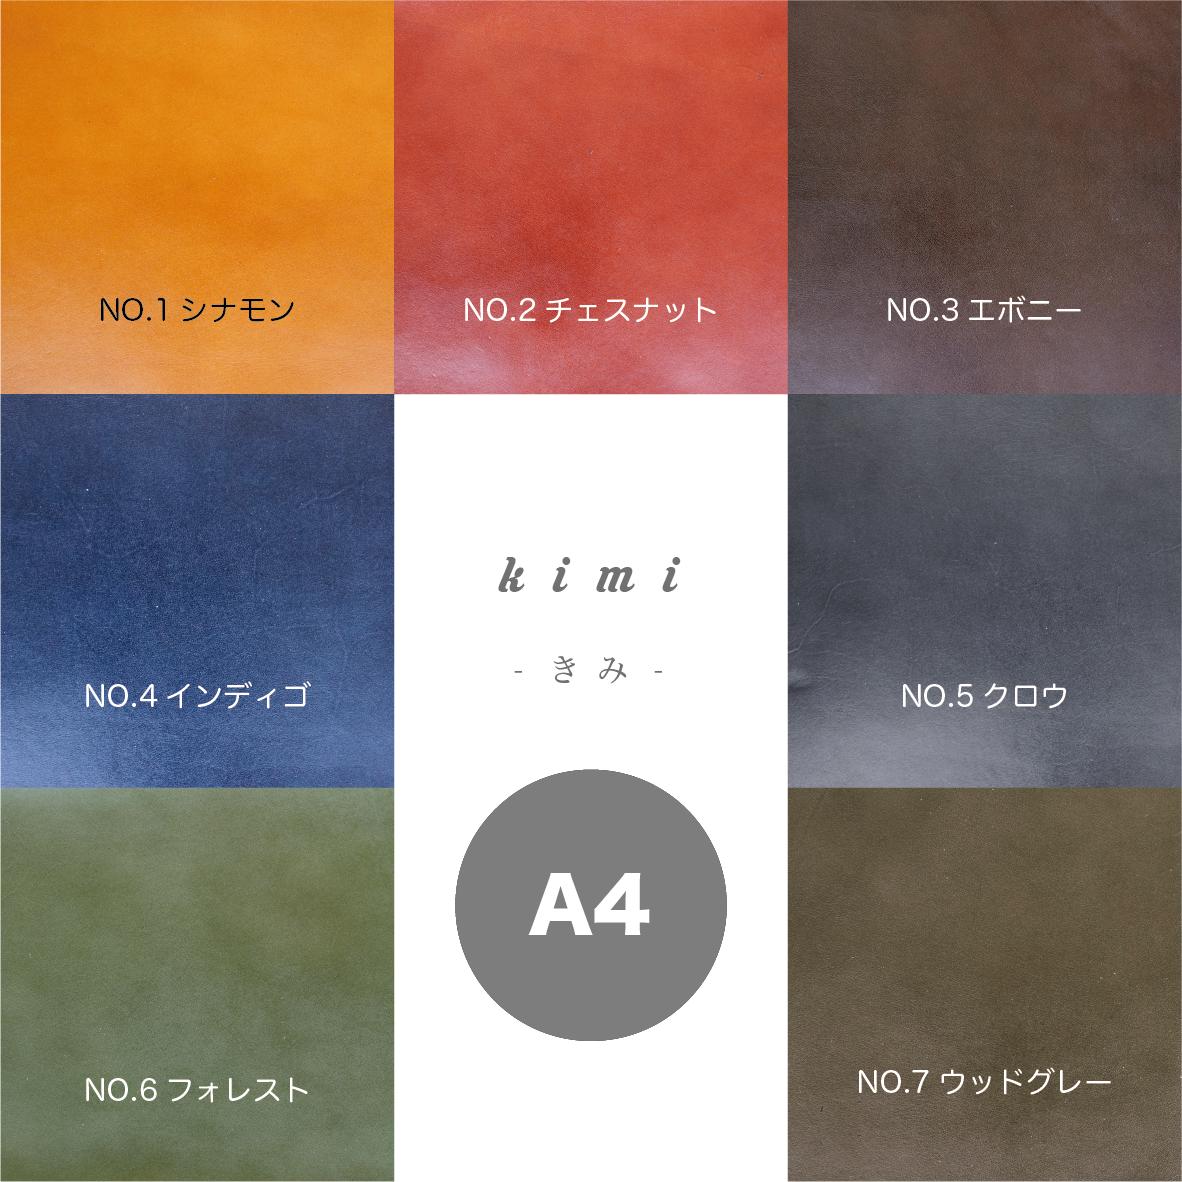 【A4サイズ】kimi-きみ- クロム革